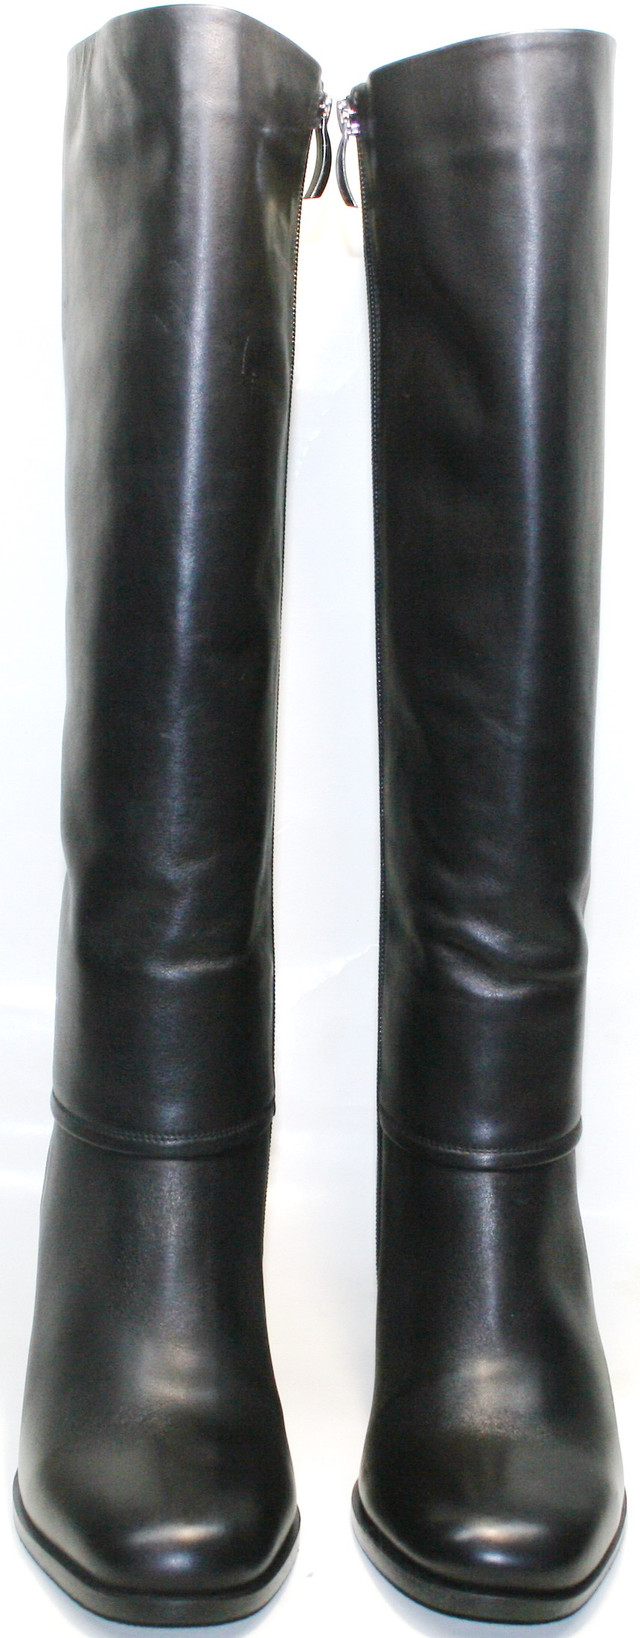 Черные кожаные сапоги одевают под джинсы, юбки и платья - сочетаются с одеждой большинства стилей.